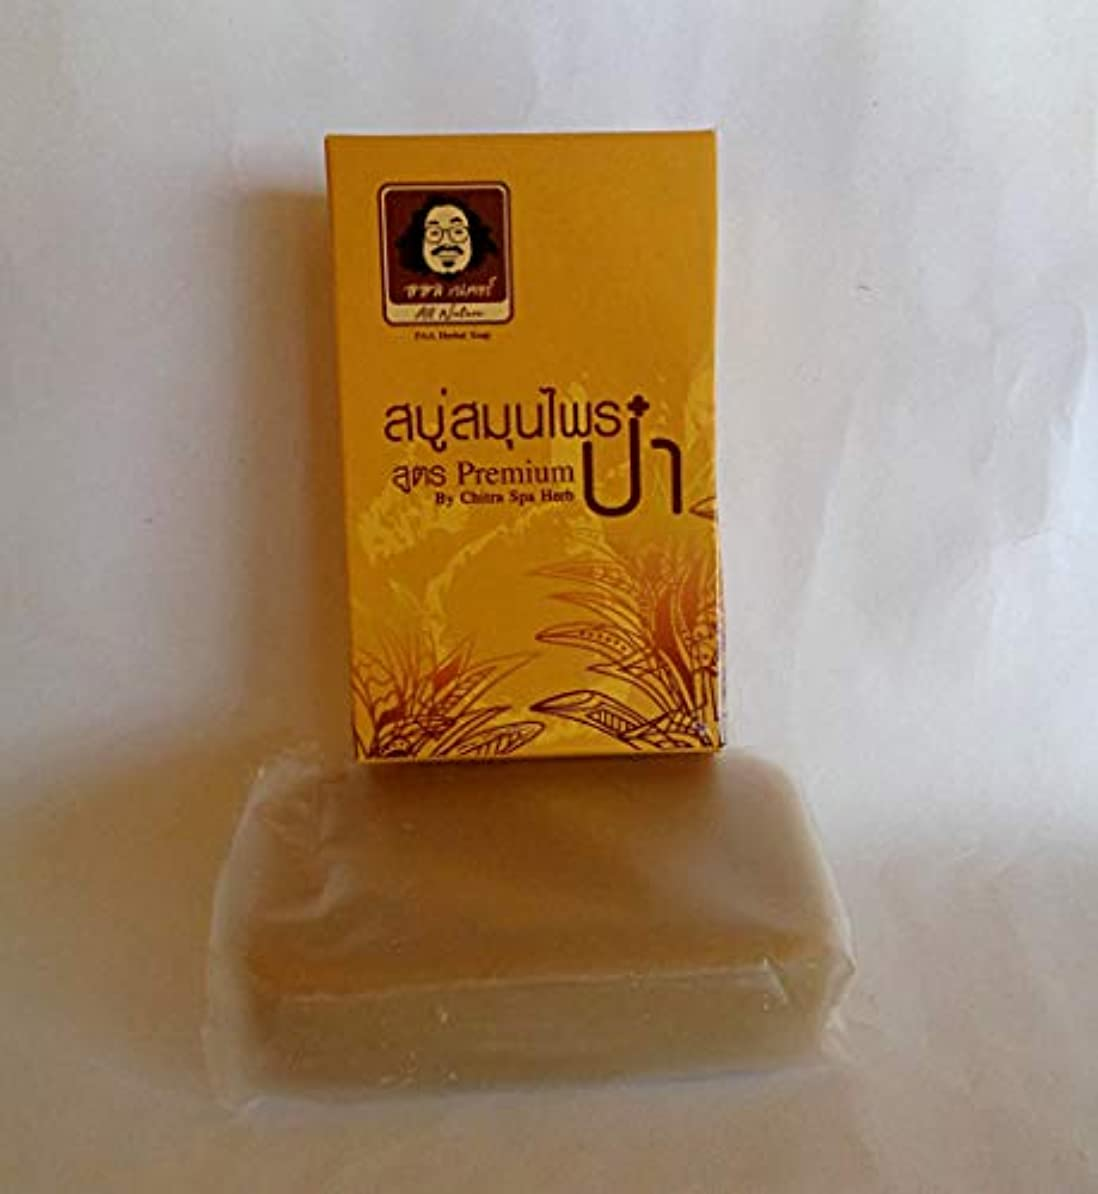 パンチ致命的なバーターPaa Herbal soap all nature chemical free Premium Fomula ハーバルソープオールケミカルフリープレミアムフォーミュラ 100 g.